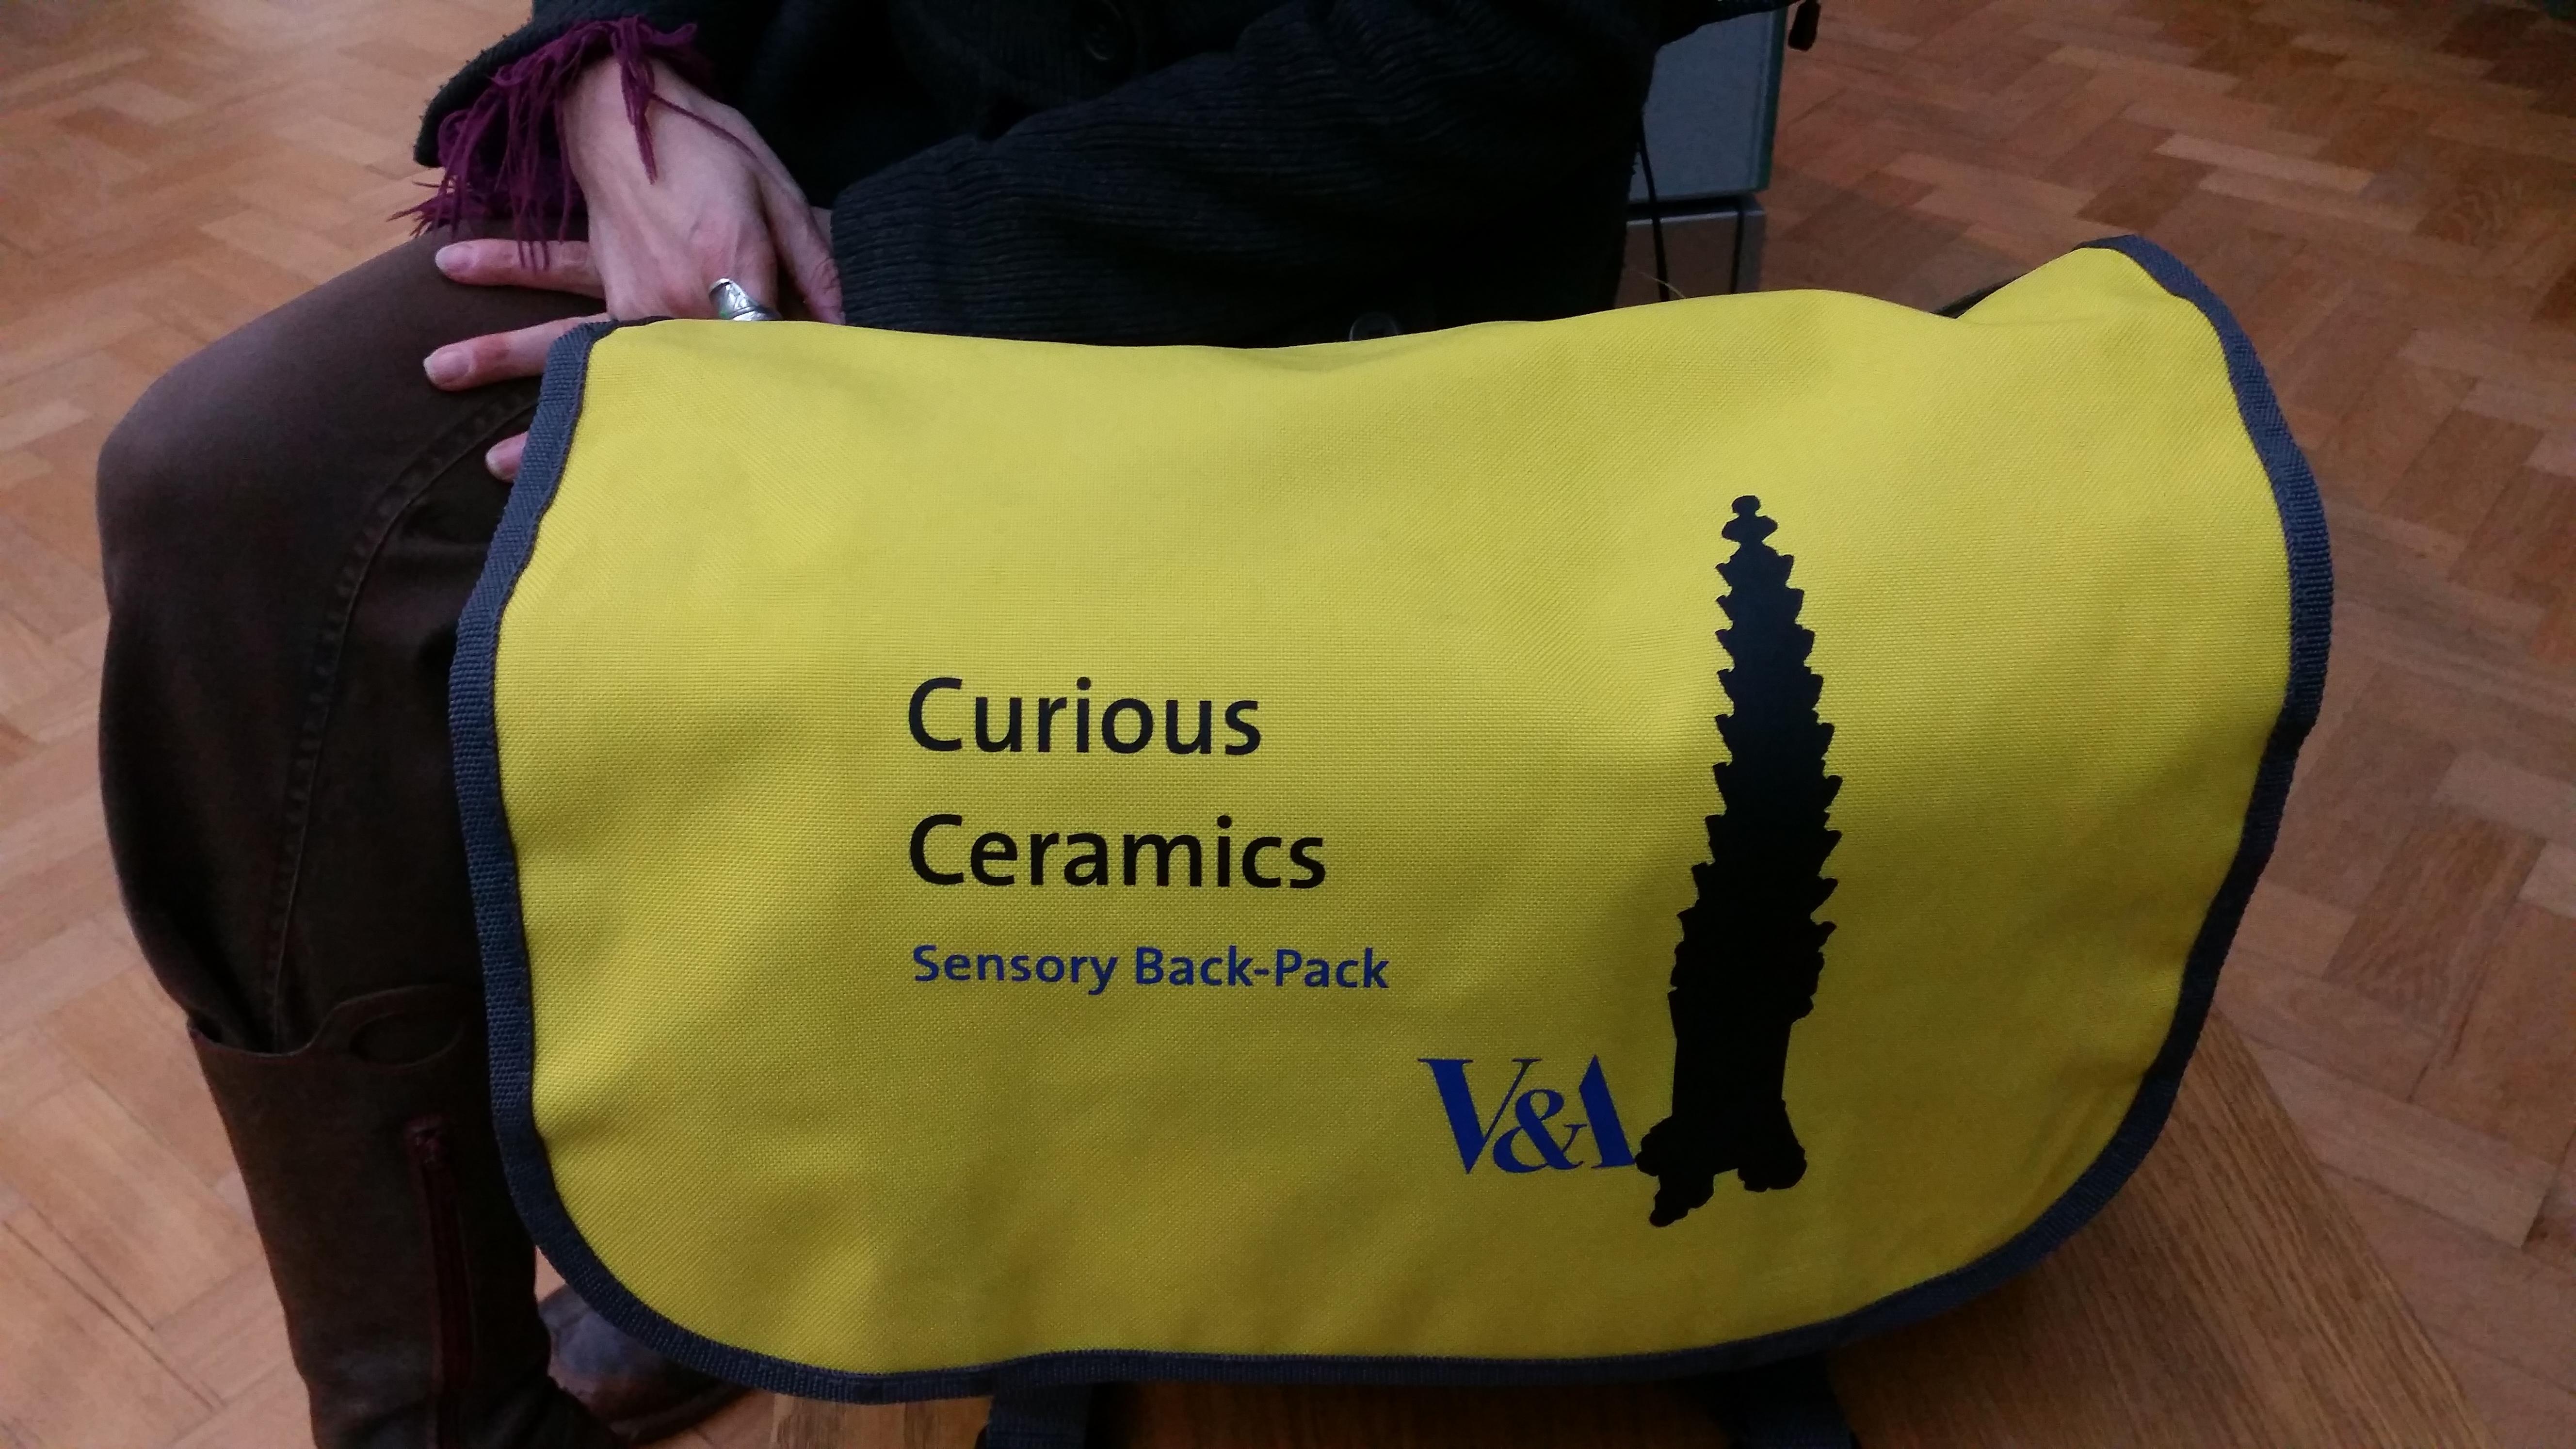 Curious Ceramics bag